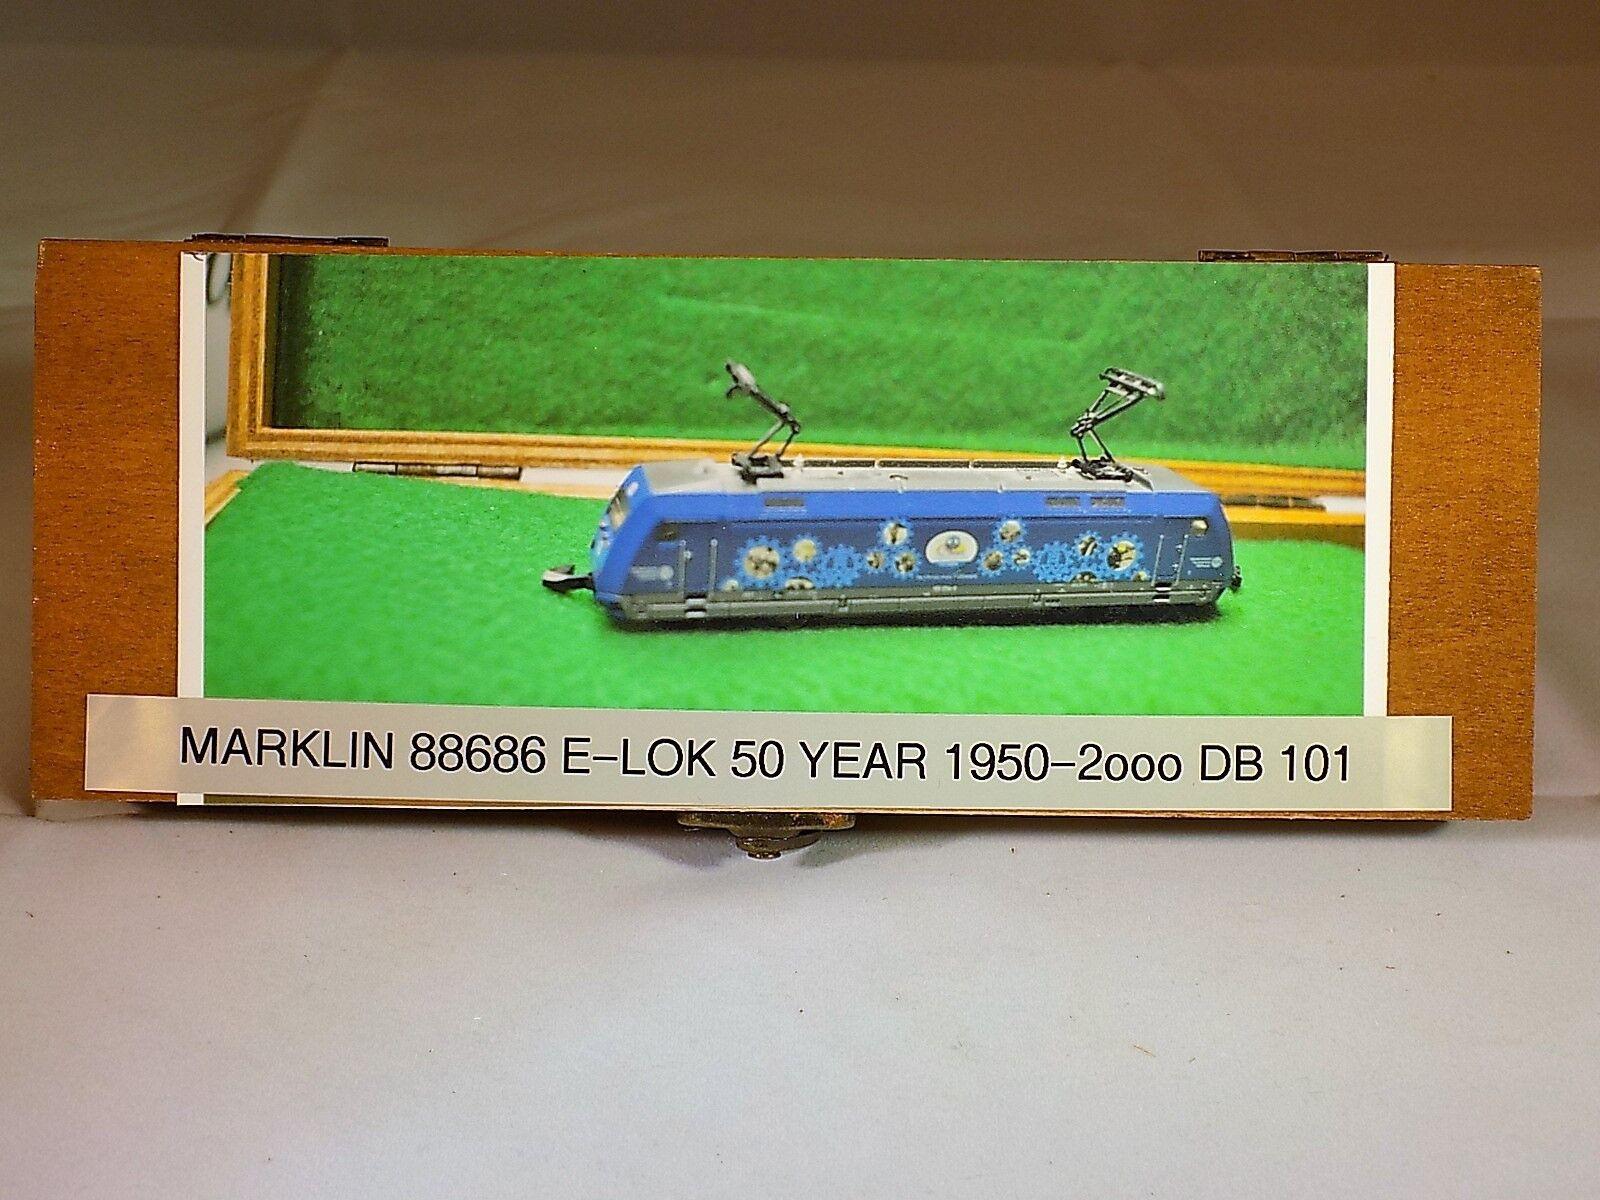 MARKLIN Z SCALE 88686 50 YEAR YEAR YEAR ANNIVERSARY BR 101 ELEC LOCO DB 5 POLE MOTOR 426238